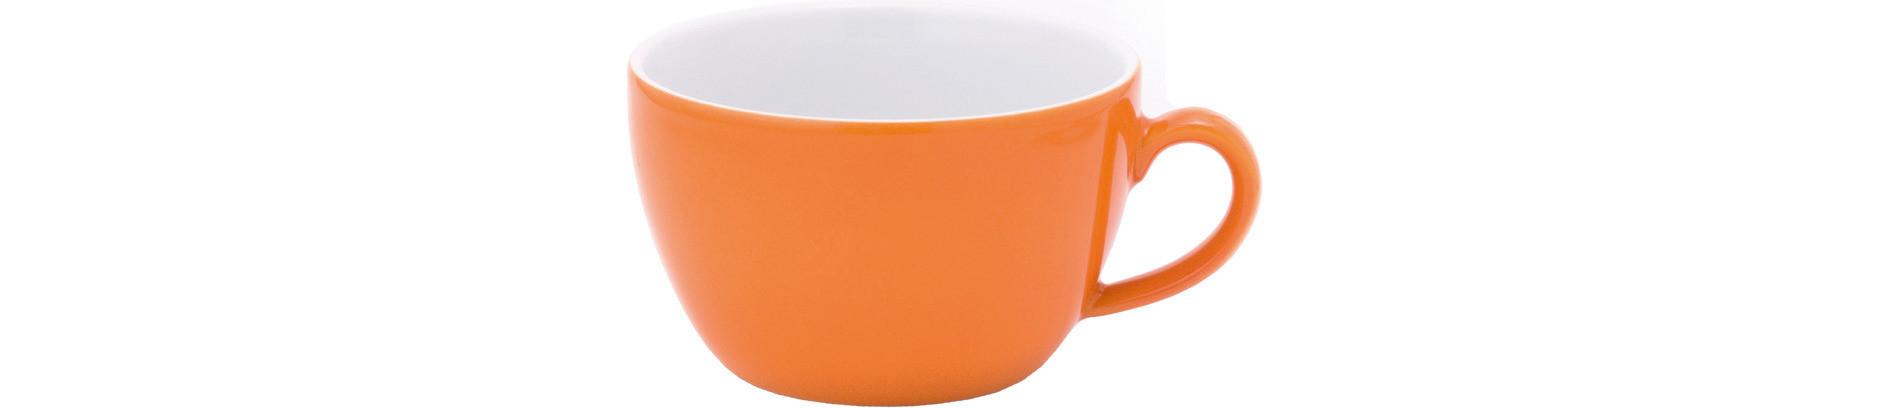 Pronto, Café au lait Tasse ø 115 mm / 0,40 l orange